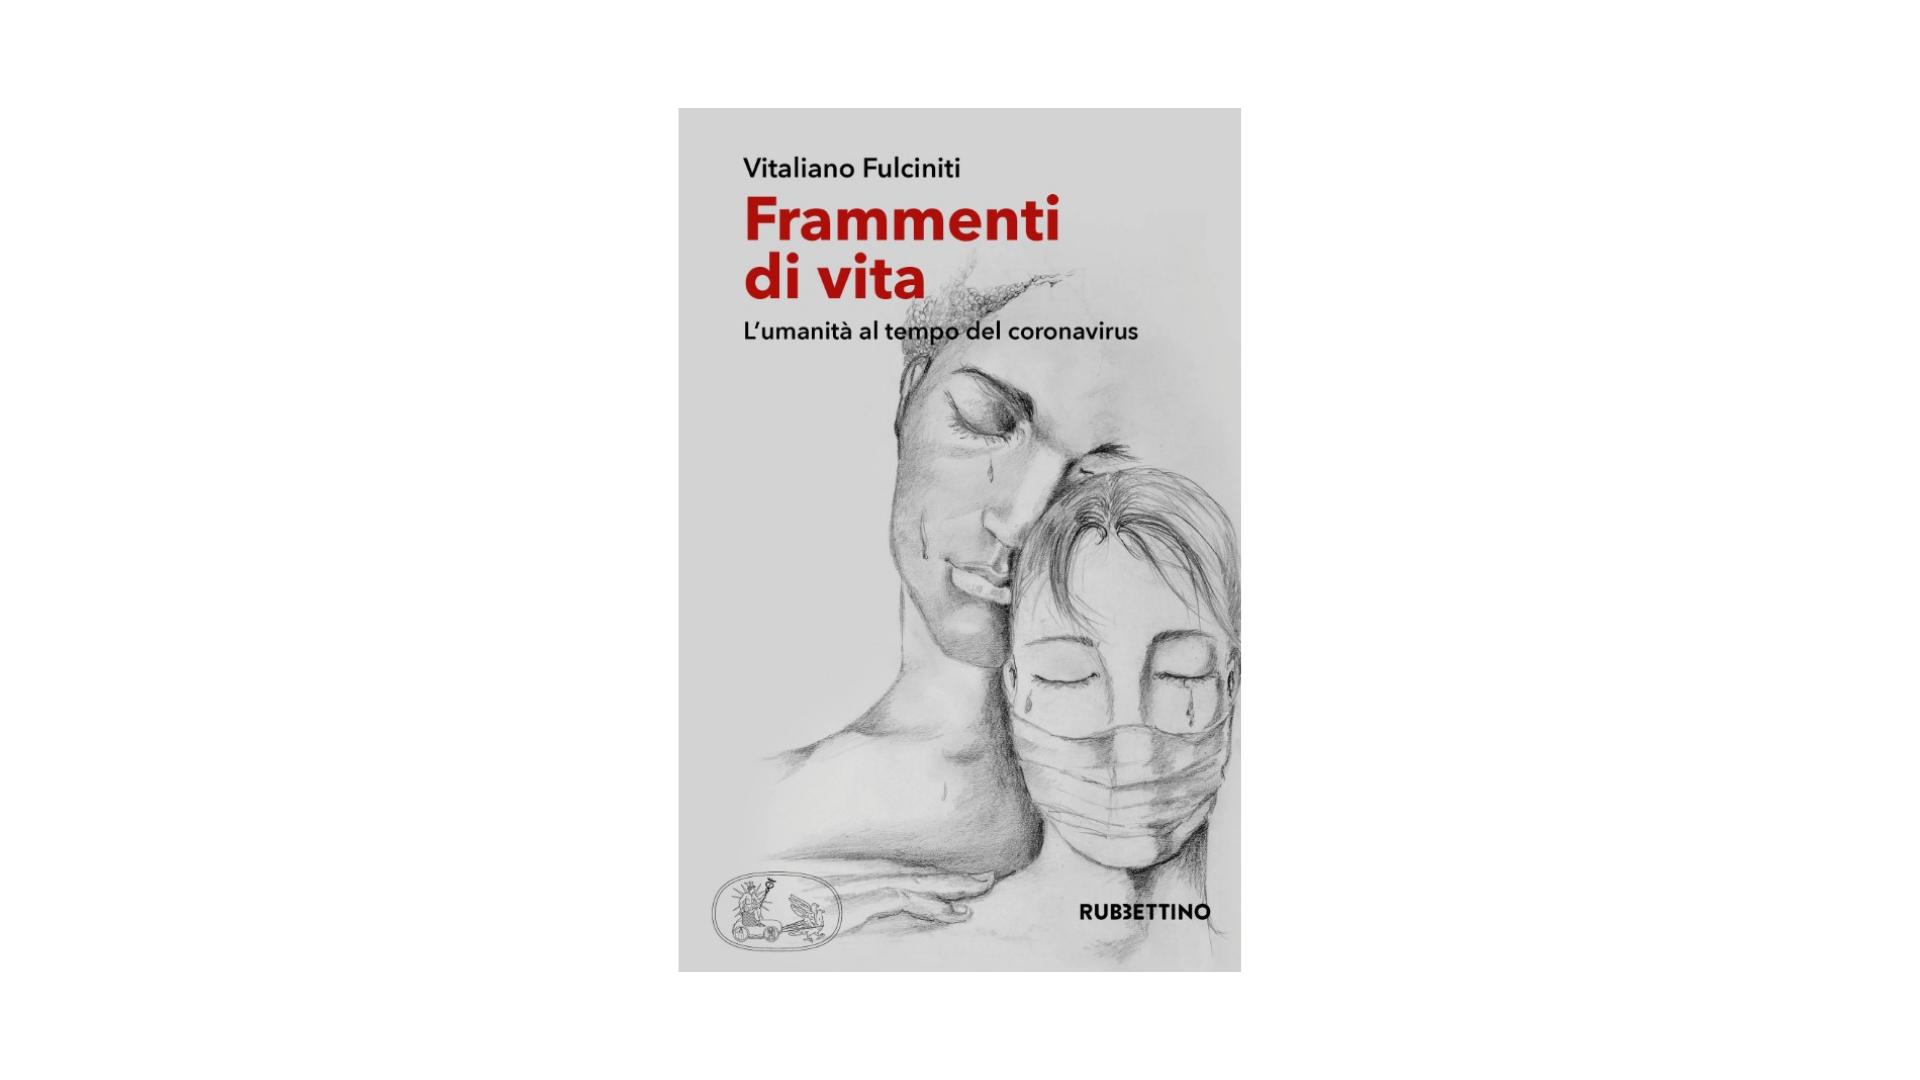 'Frammenti di vita', Vitaliano Fulciniti racconta 'L'umanità al tempo del coronavirus'.